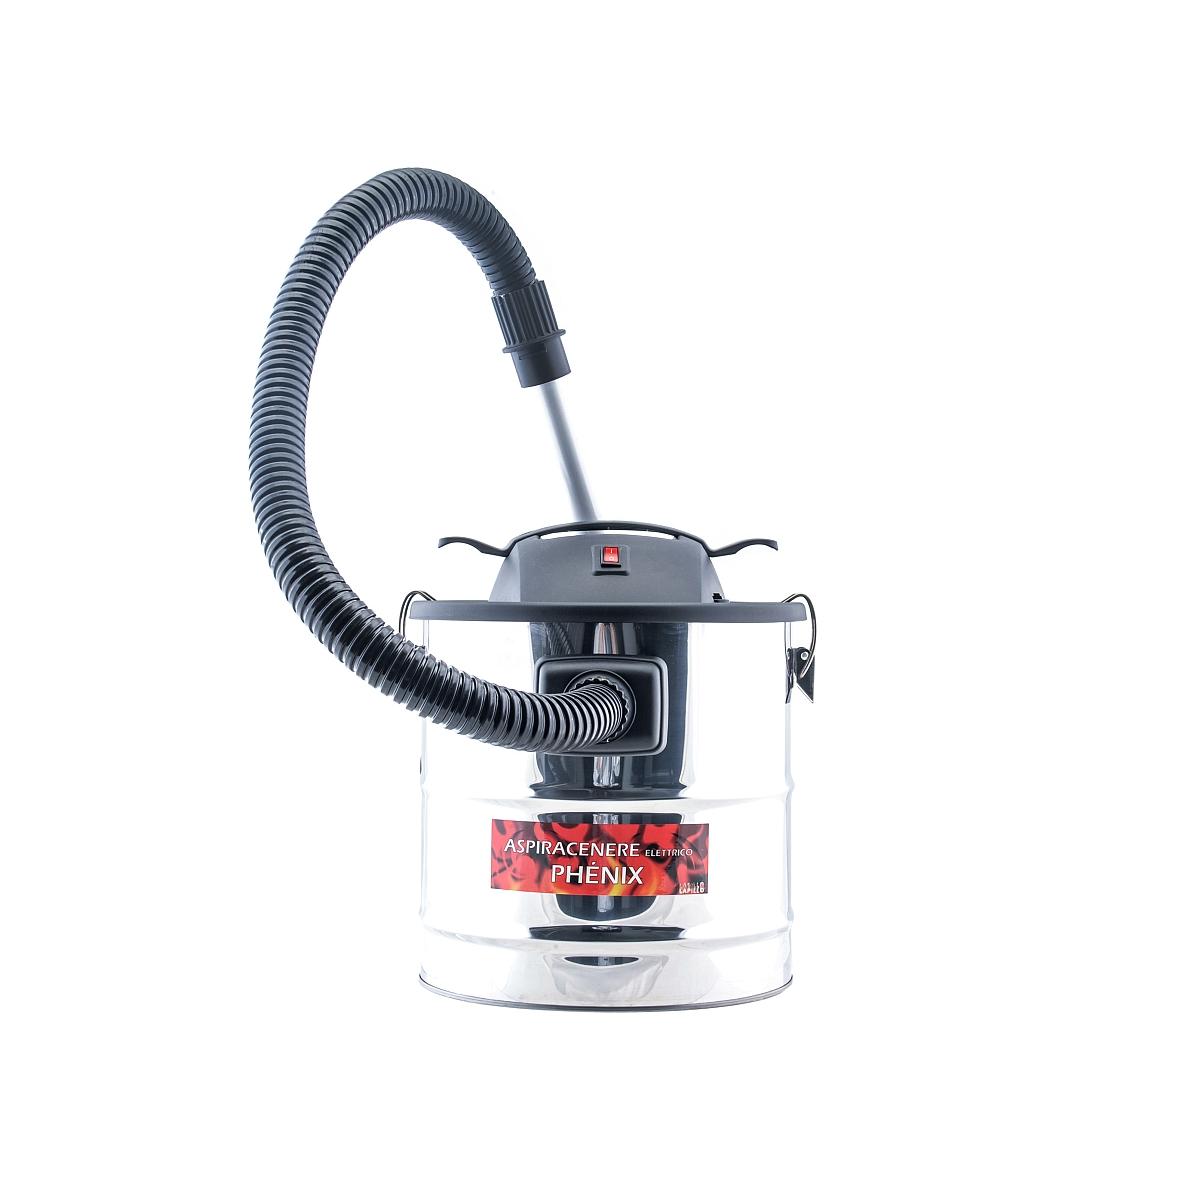 Aspiracenere 1000 w verdegarden aspiracenere in vendita su - Stufa a combustibile liquido opinioni ...